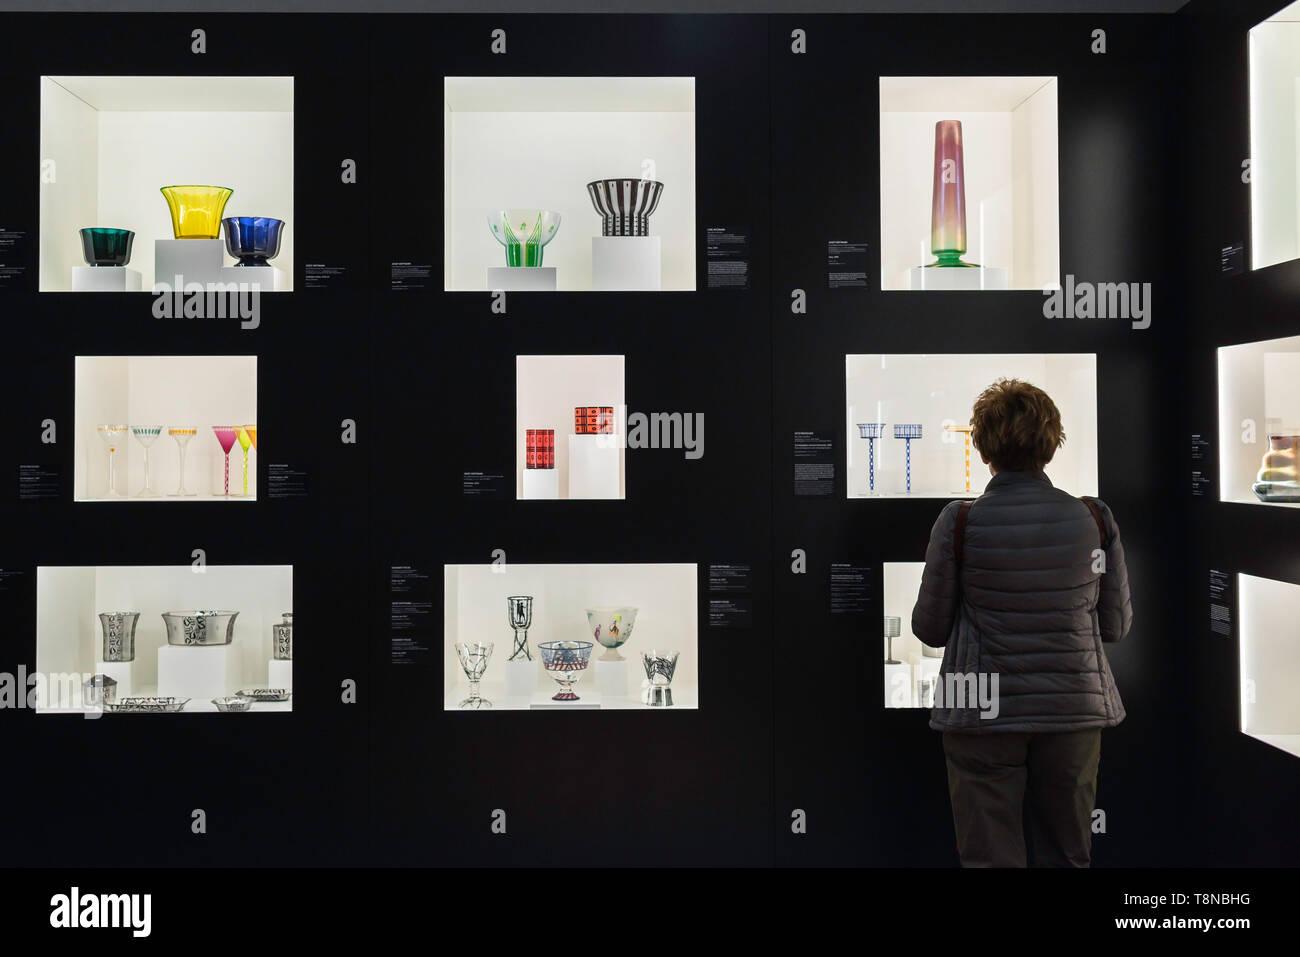 Leopold Museum de Viena, vista trasera de una mujer mirando una pantalla de vidrio hecha por la secesión era artistas J Hoffmann y O Prutscher, Wien, Austria. Imagen De Stock